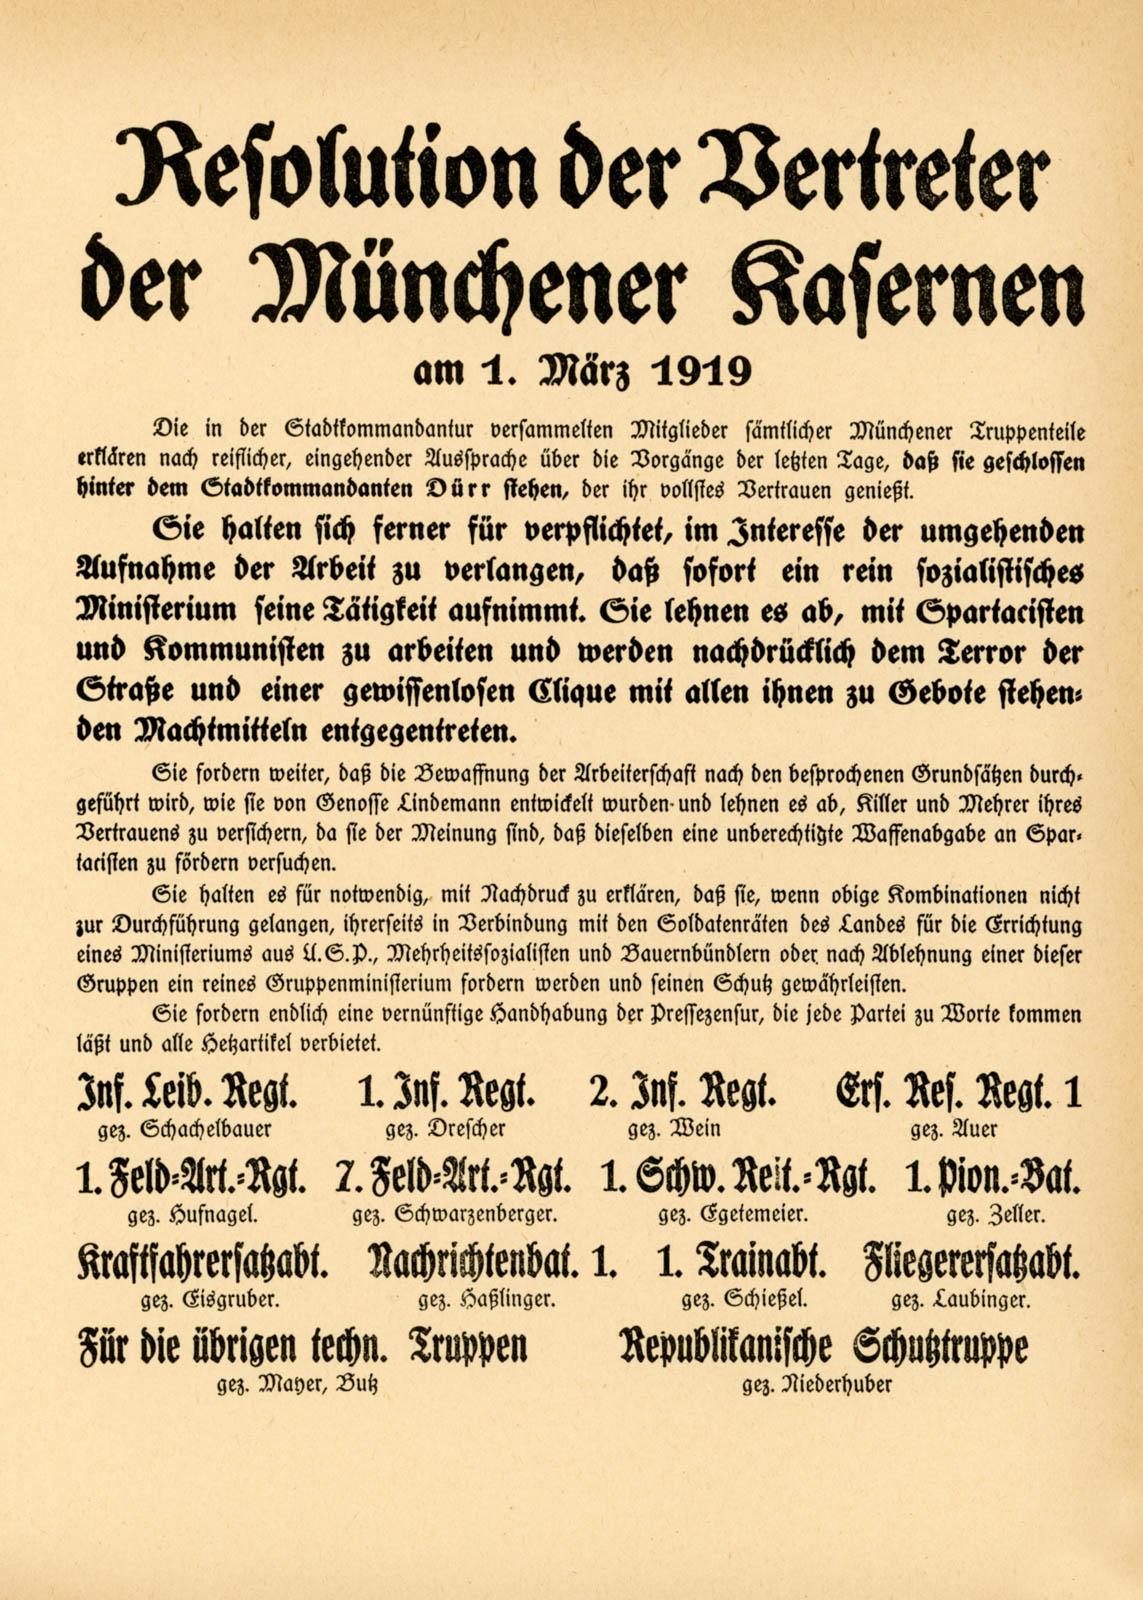 Resolution der Vertreter der Münchner Kasernen